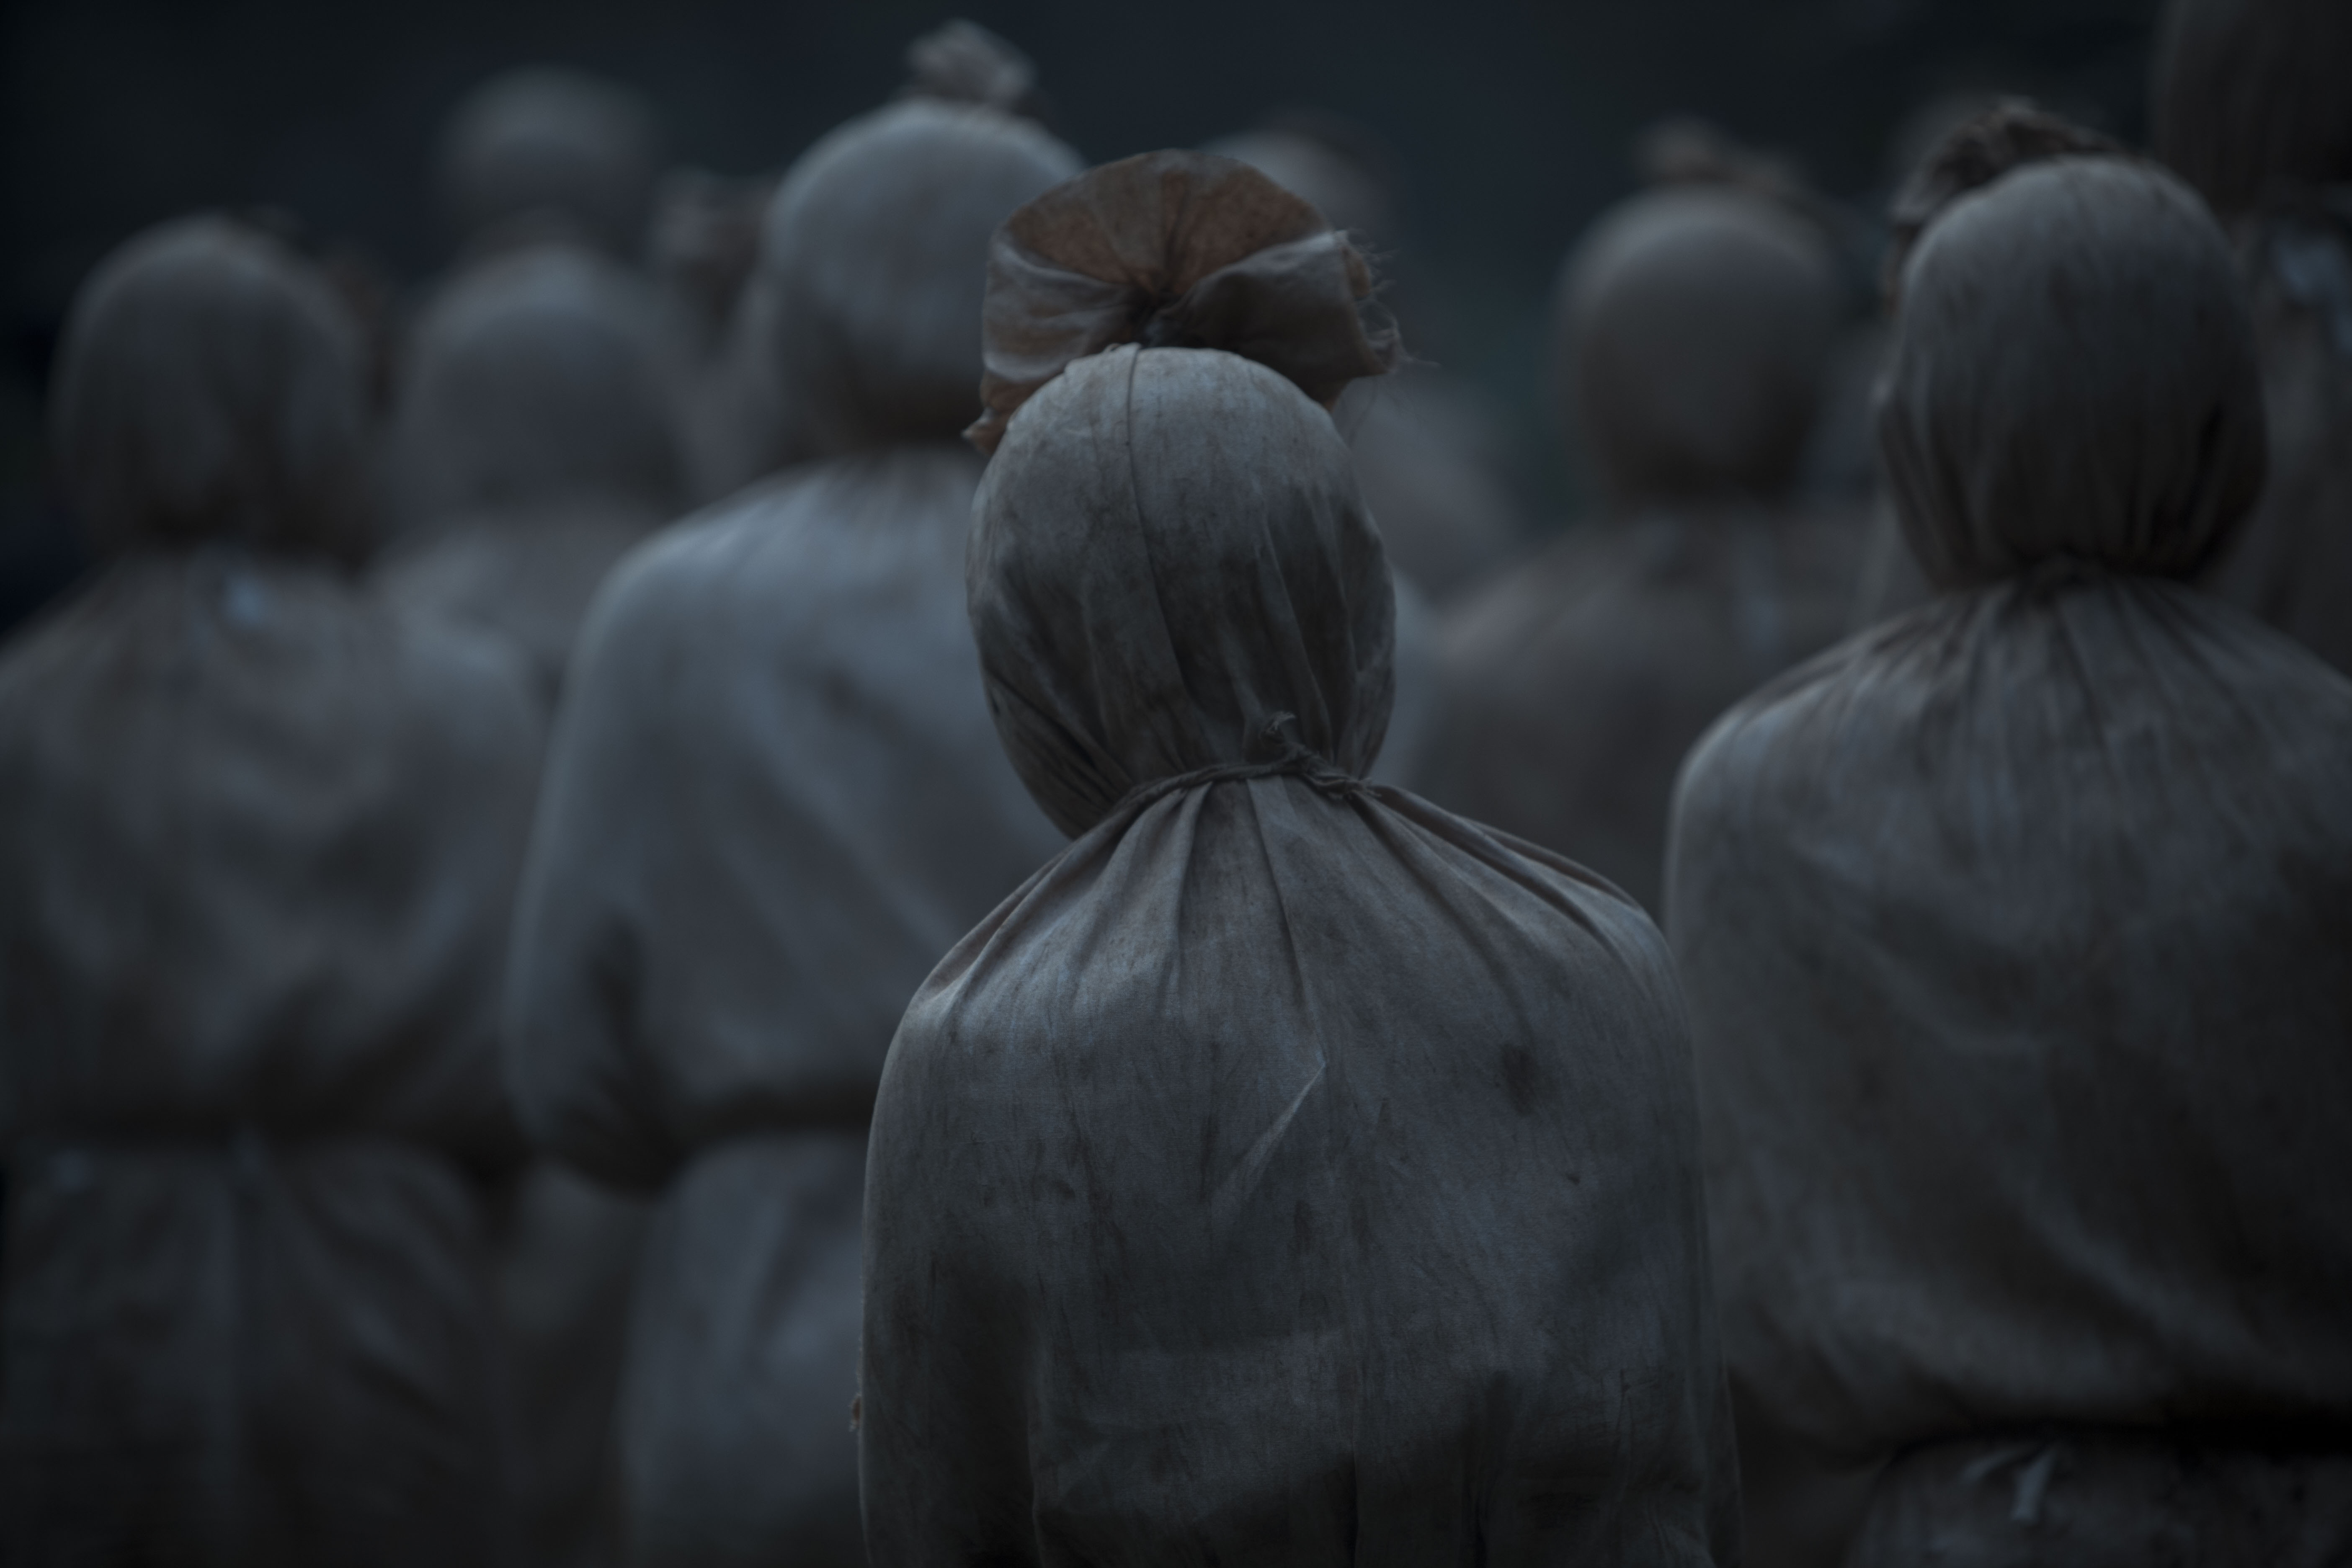 鬼真的入鏡? 《鬼入鏡:靈之鬼跡》收工照莫名多出五人 齊莫導演愛珍珠奶茶、牛肉麵 希望能吃更多台灣道地食物 Aaeuao11